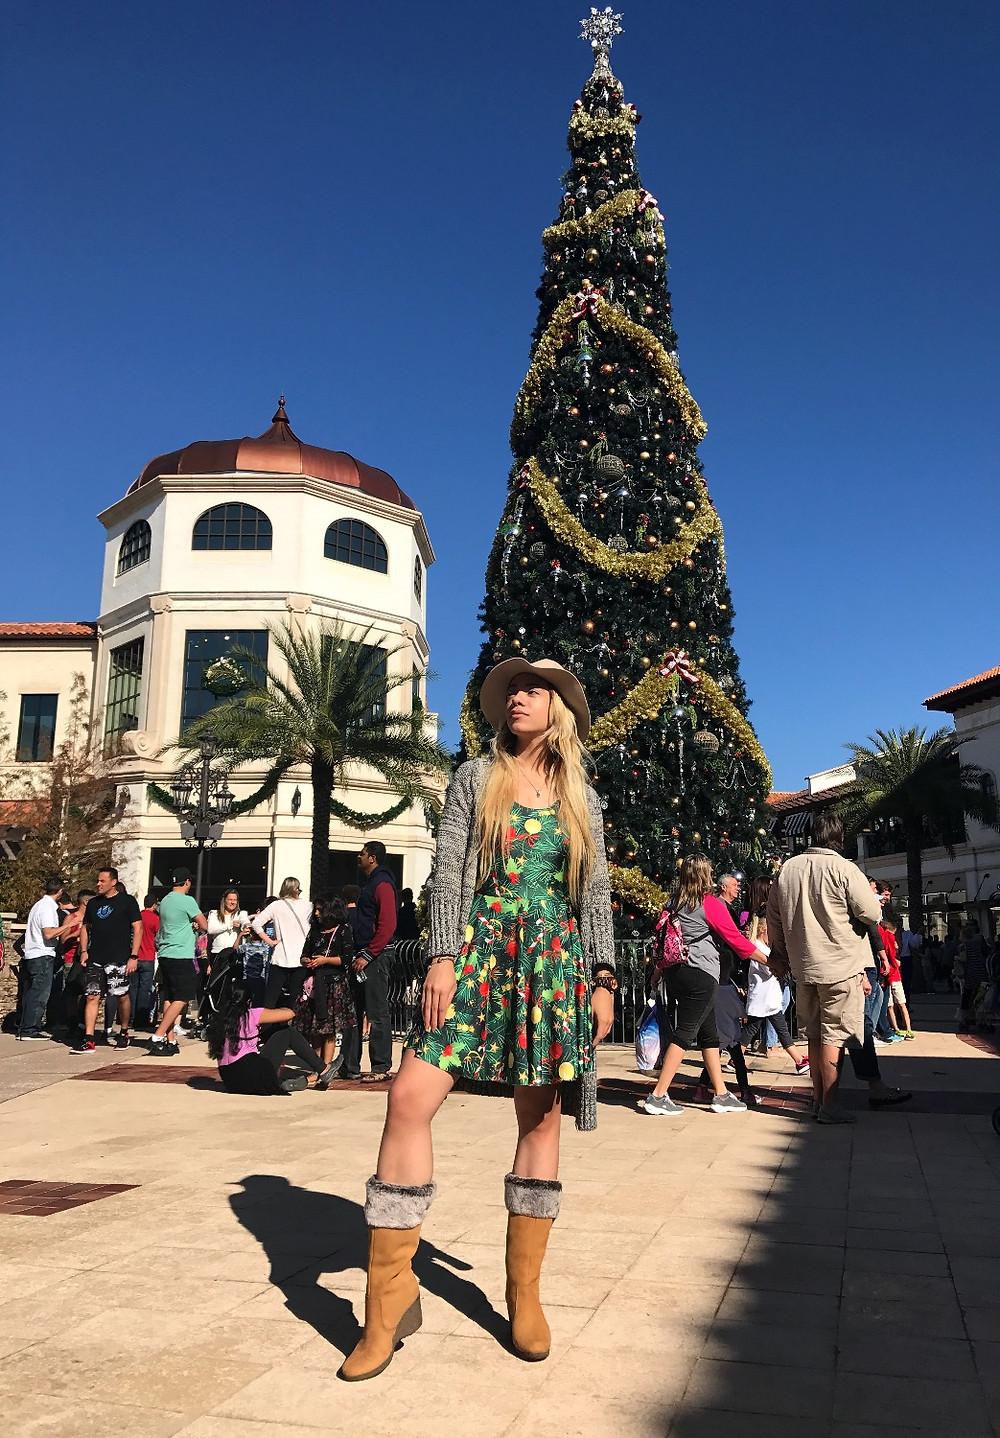 Katrina Belle - Katrina Belle Beauty - Orlando fashion blogger - Disney blogger - Disney Springs